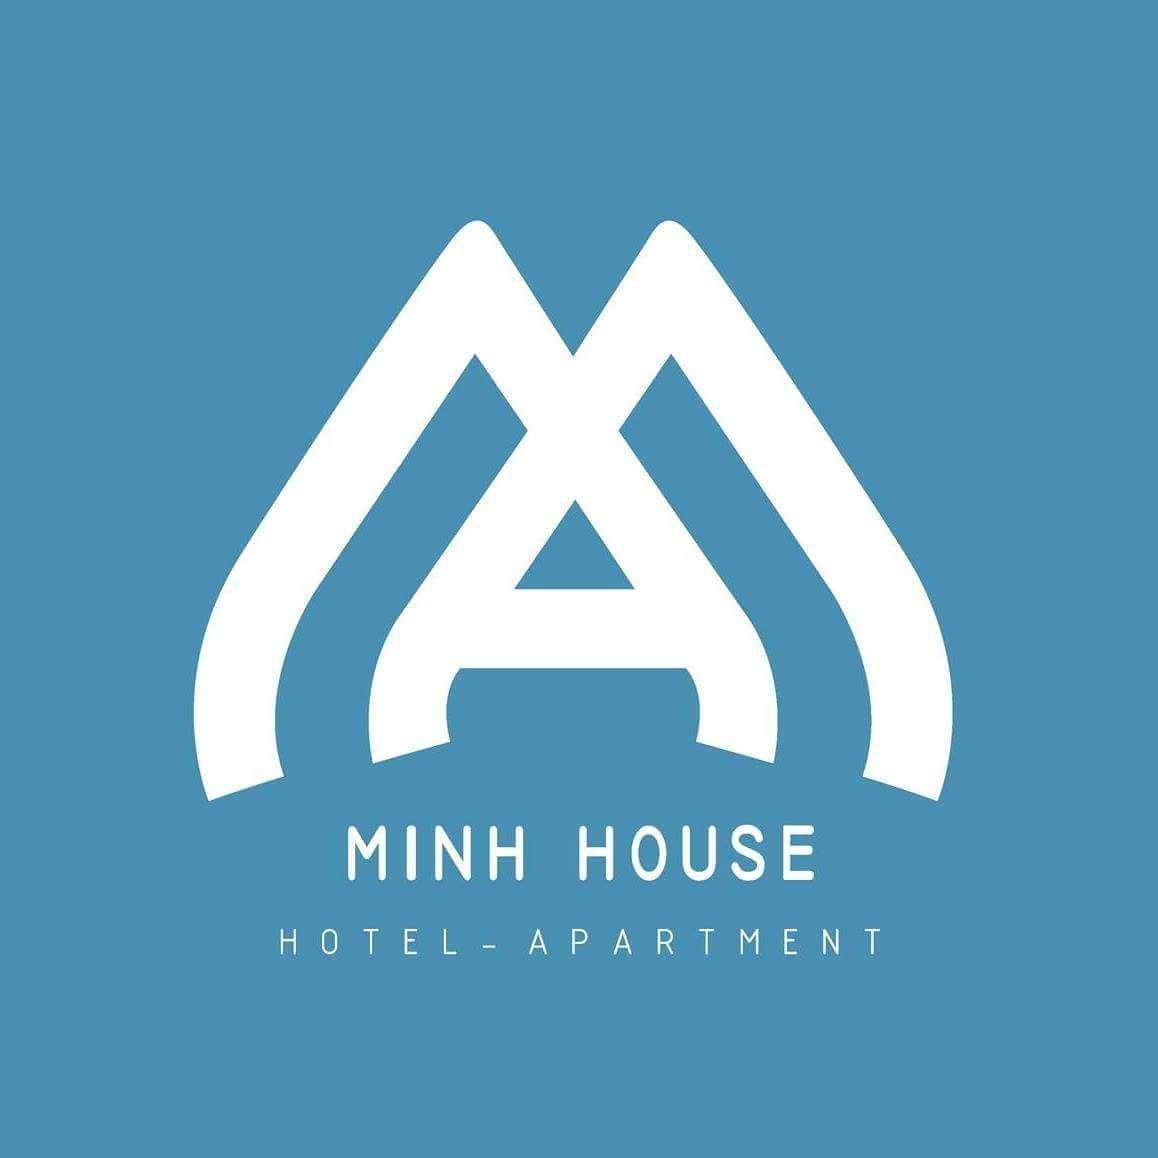 minh house - Ryan Duy Hùng